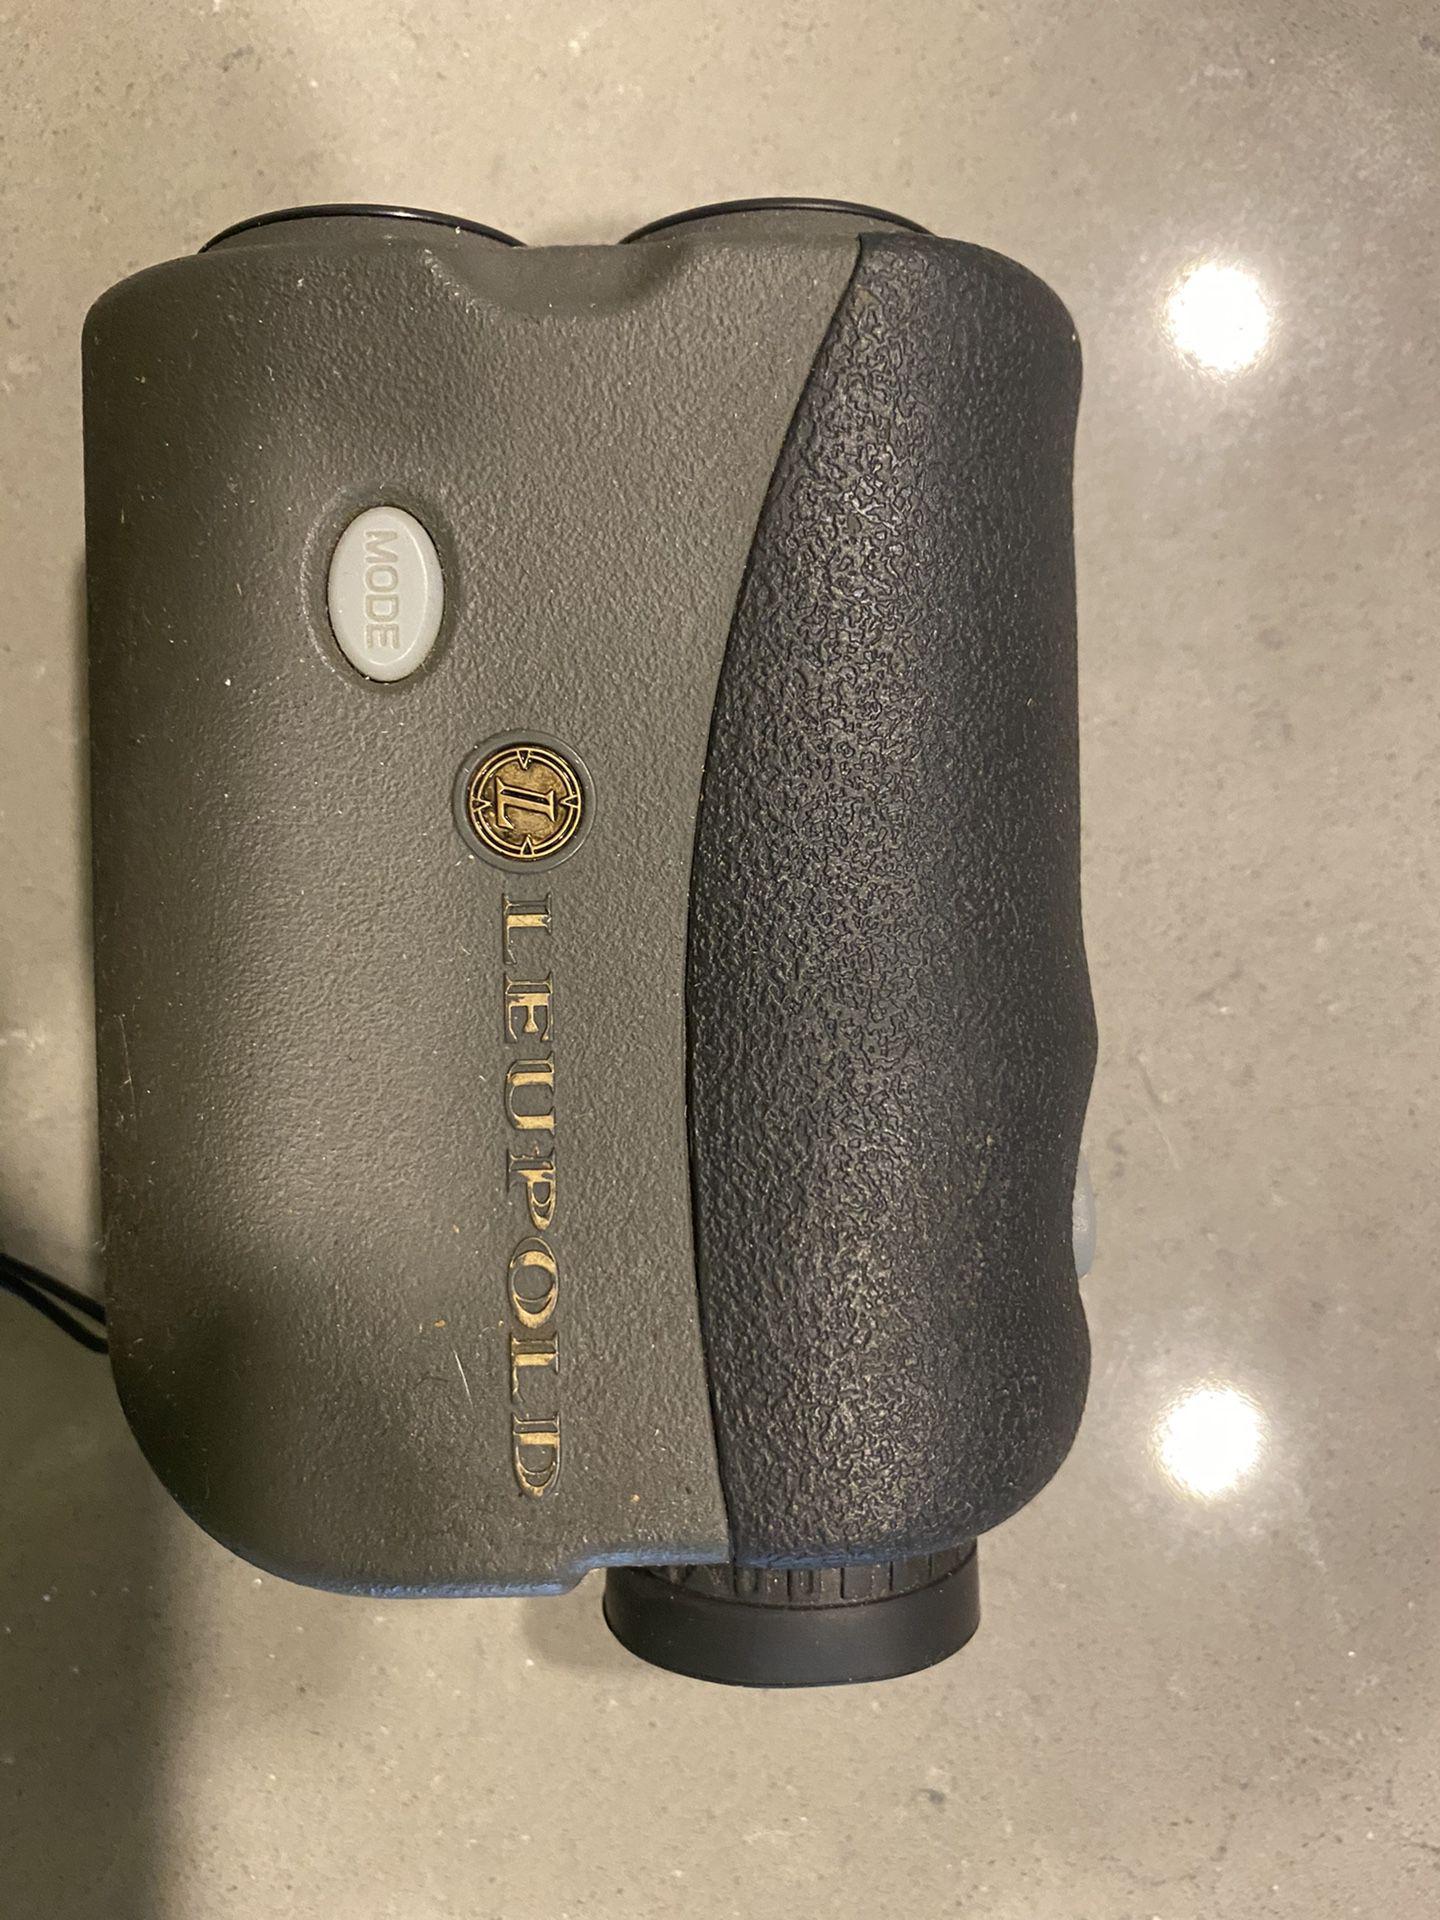 Leupold RX11 6x32mm rangefinder